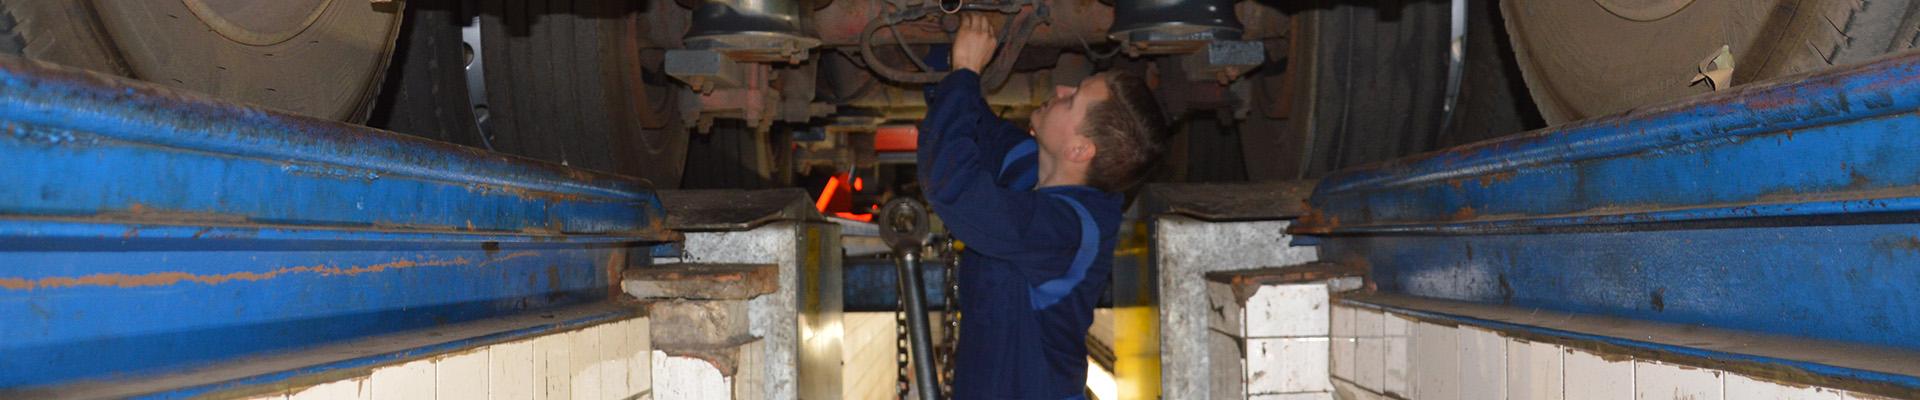 header vacature Allround Truck en Trailer Monteur AutoService Heesch XLIX Recruitment werving selectie